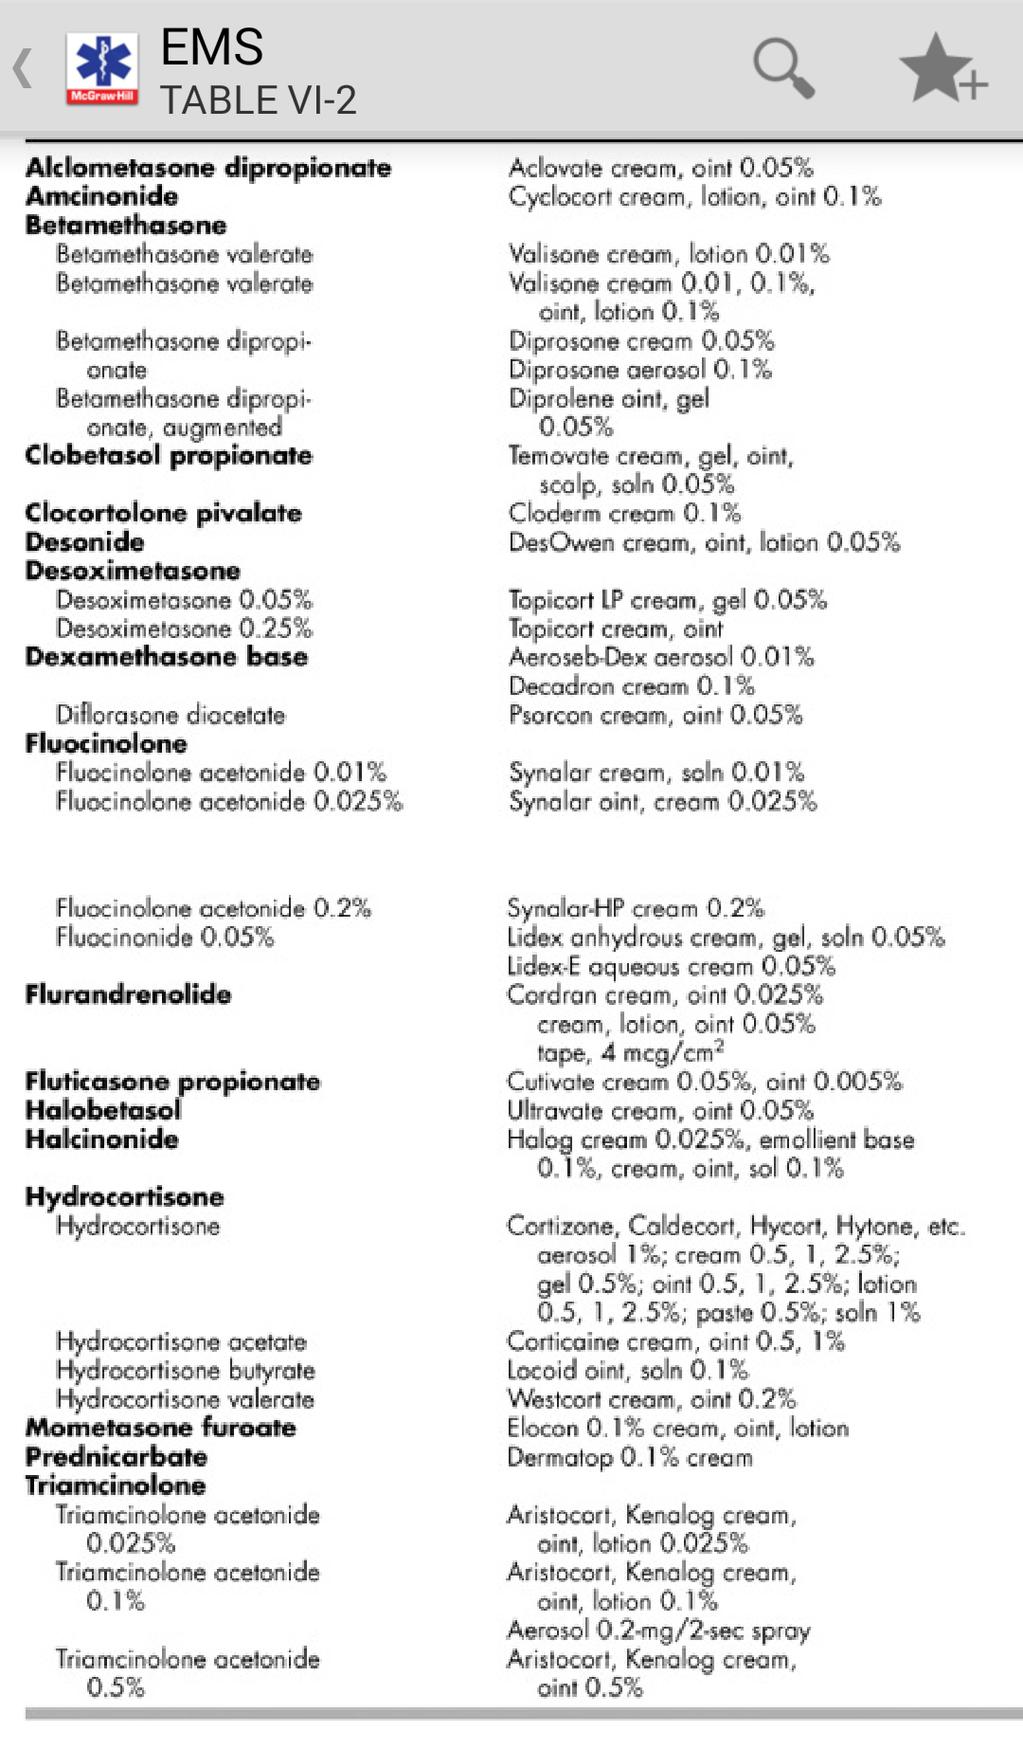 EMS Pocket Drug Guide Screenshot 4